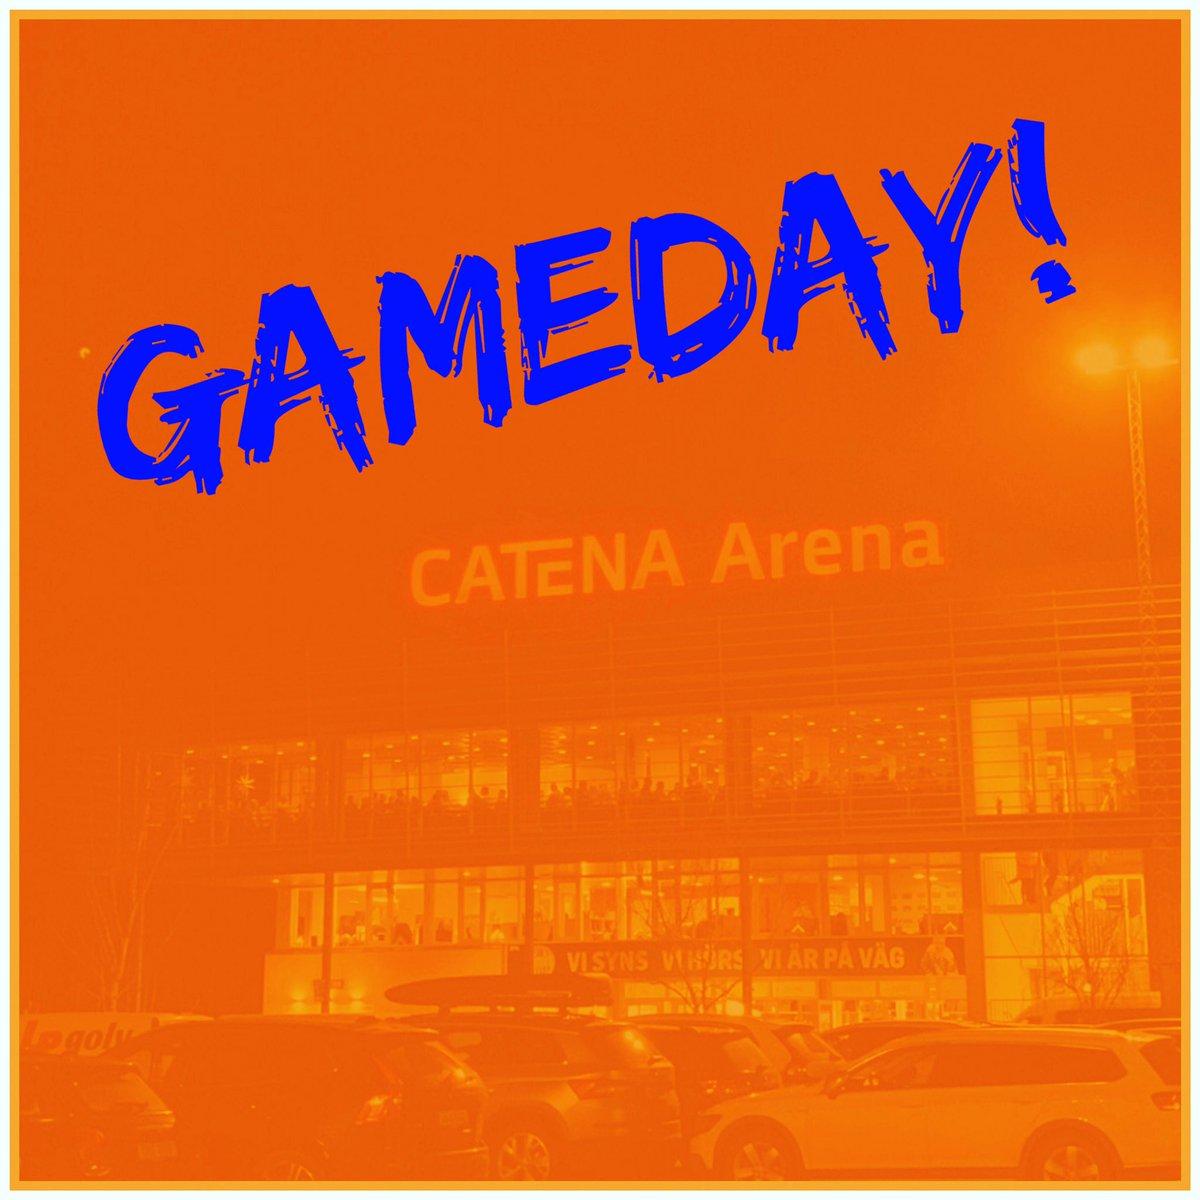 Gameday! Match i Ängelholm ikväll, och som vanligt står viktiga poäng på spel. Nu gäller det att alla på plats i Catena arena hjälper laget hela matchen igenom. Kom igen Lakers, nu vinner vi över skåningarna också! #golakers #storthjärta #imedochmotgångpic.twitter.com/iAnQfpgg7m